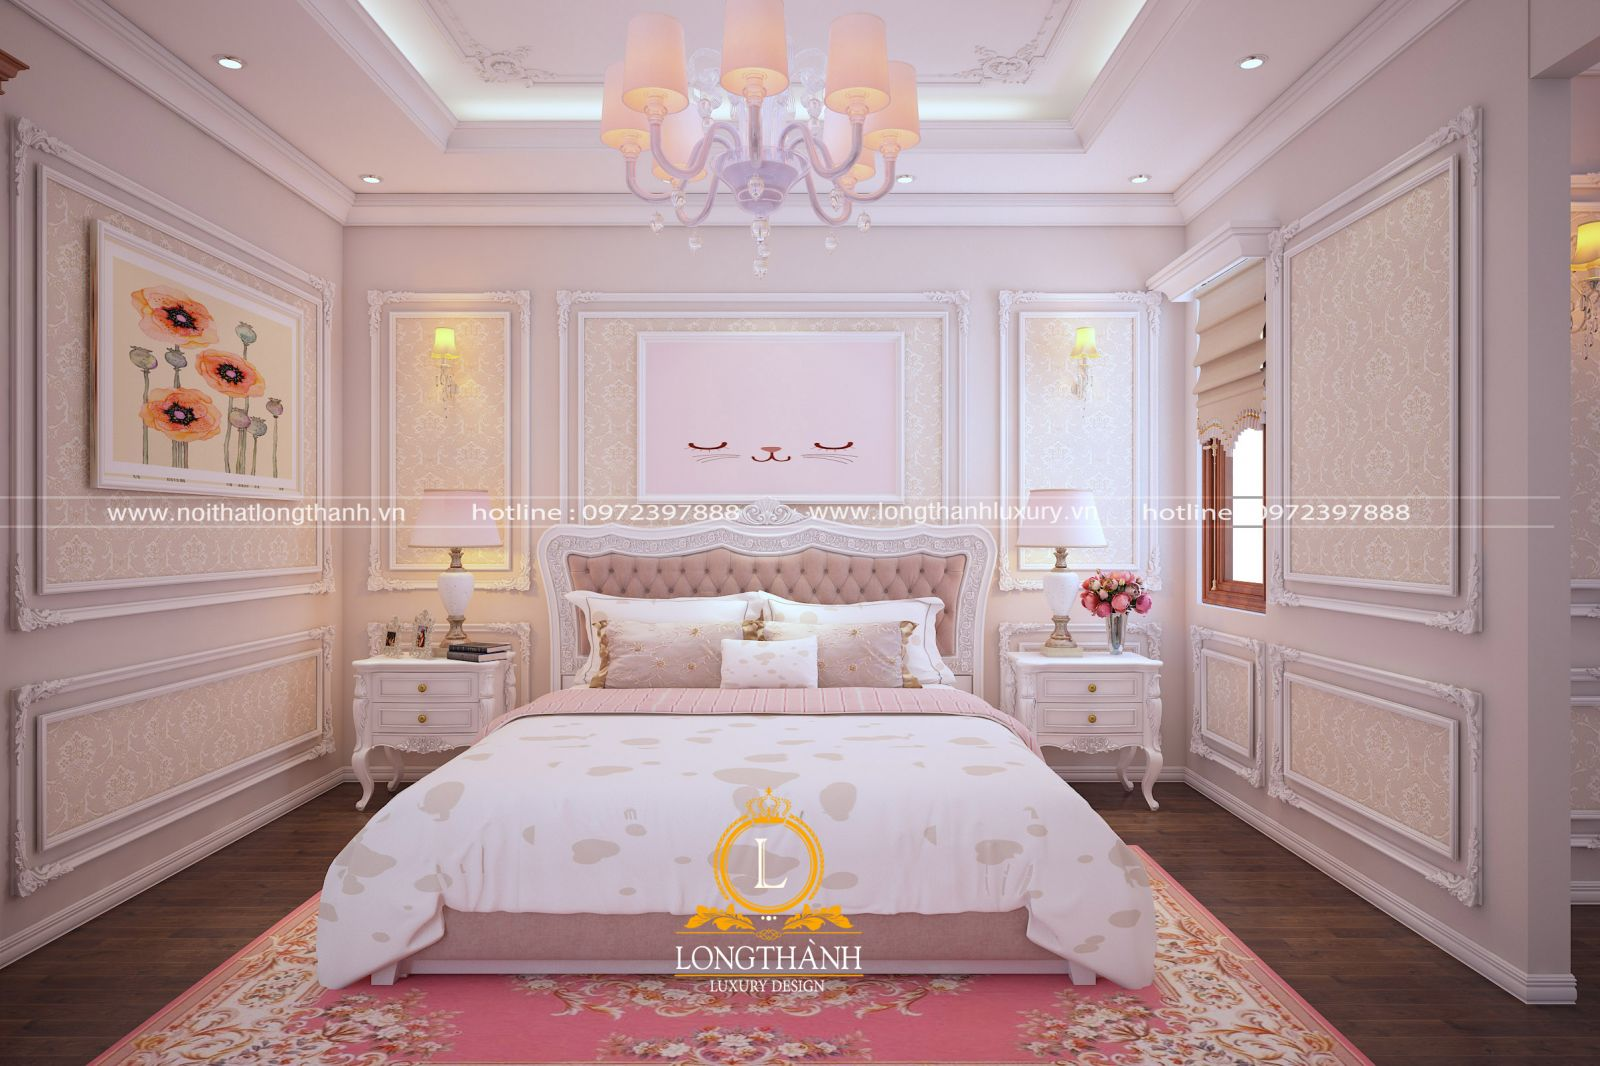 Màu hồng thơ mộng cho nội thất phòng ngủ